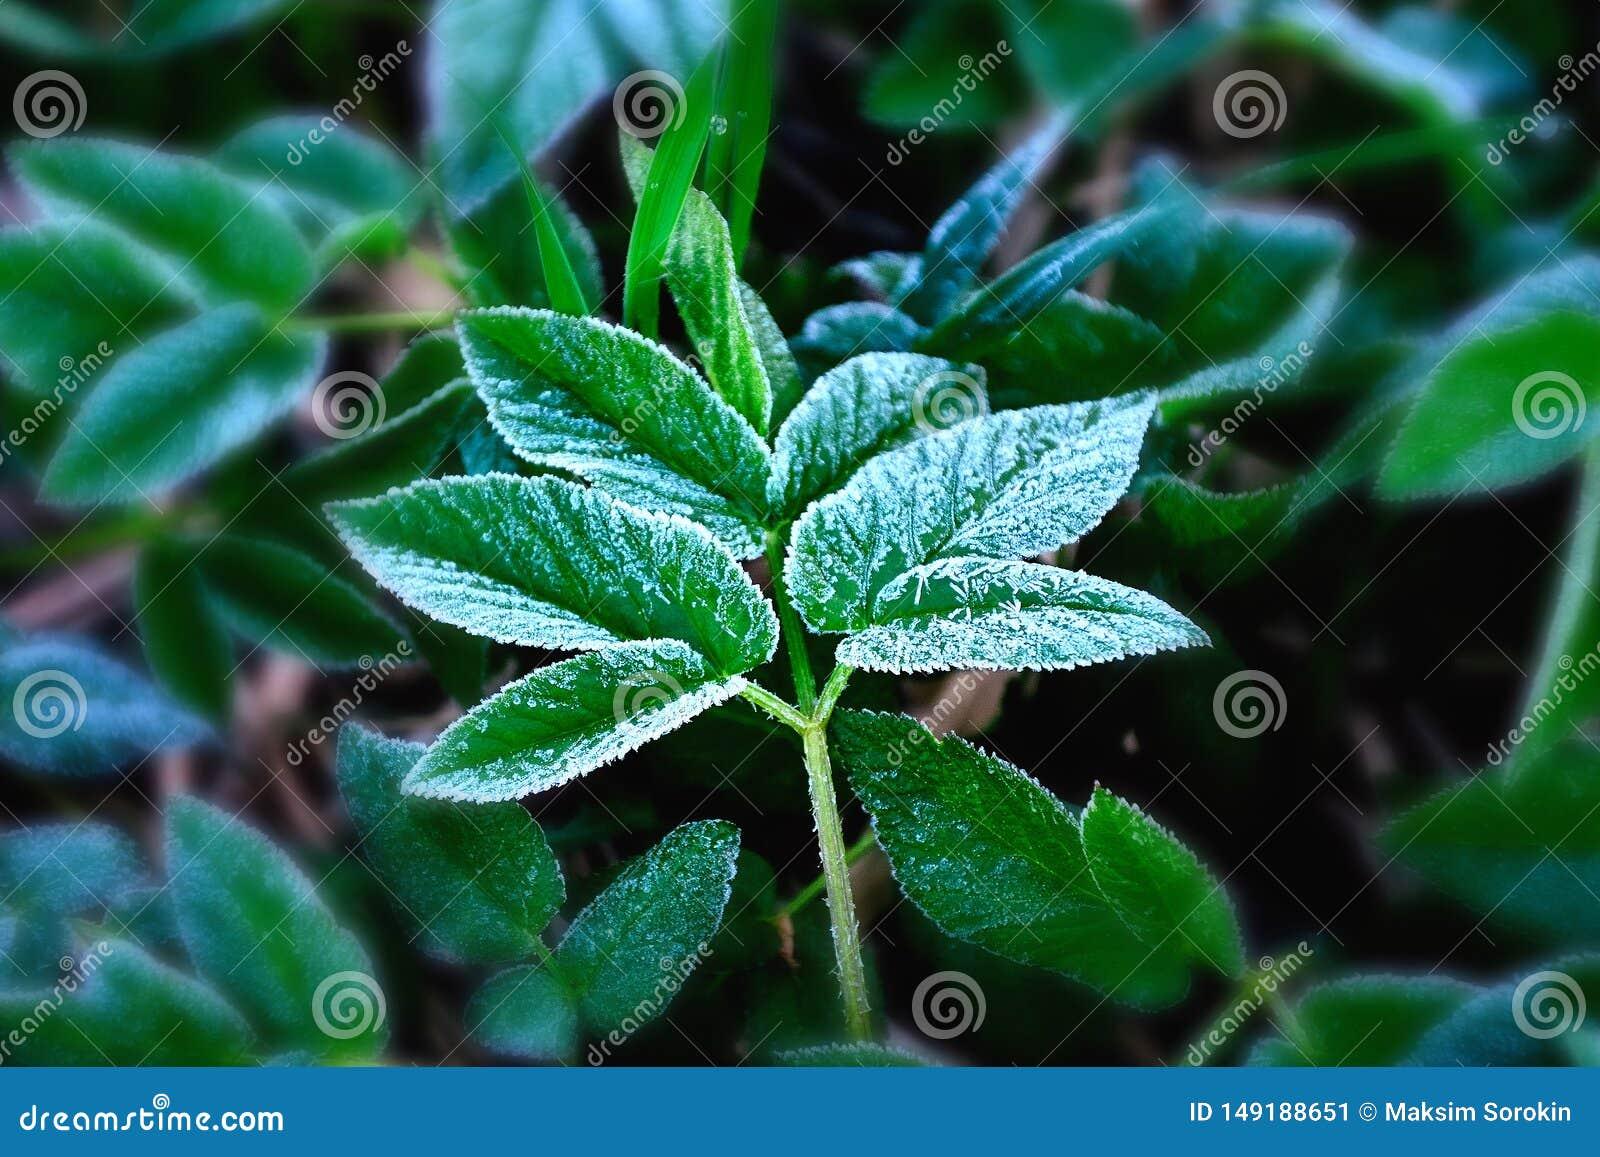 Λεπτός ασημένιος παγετός σε ένα πράσινο φύλλο